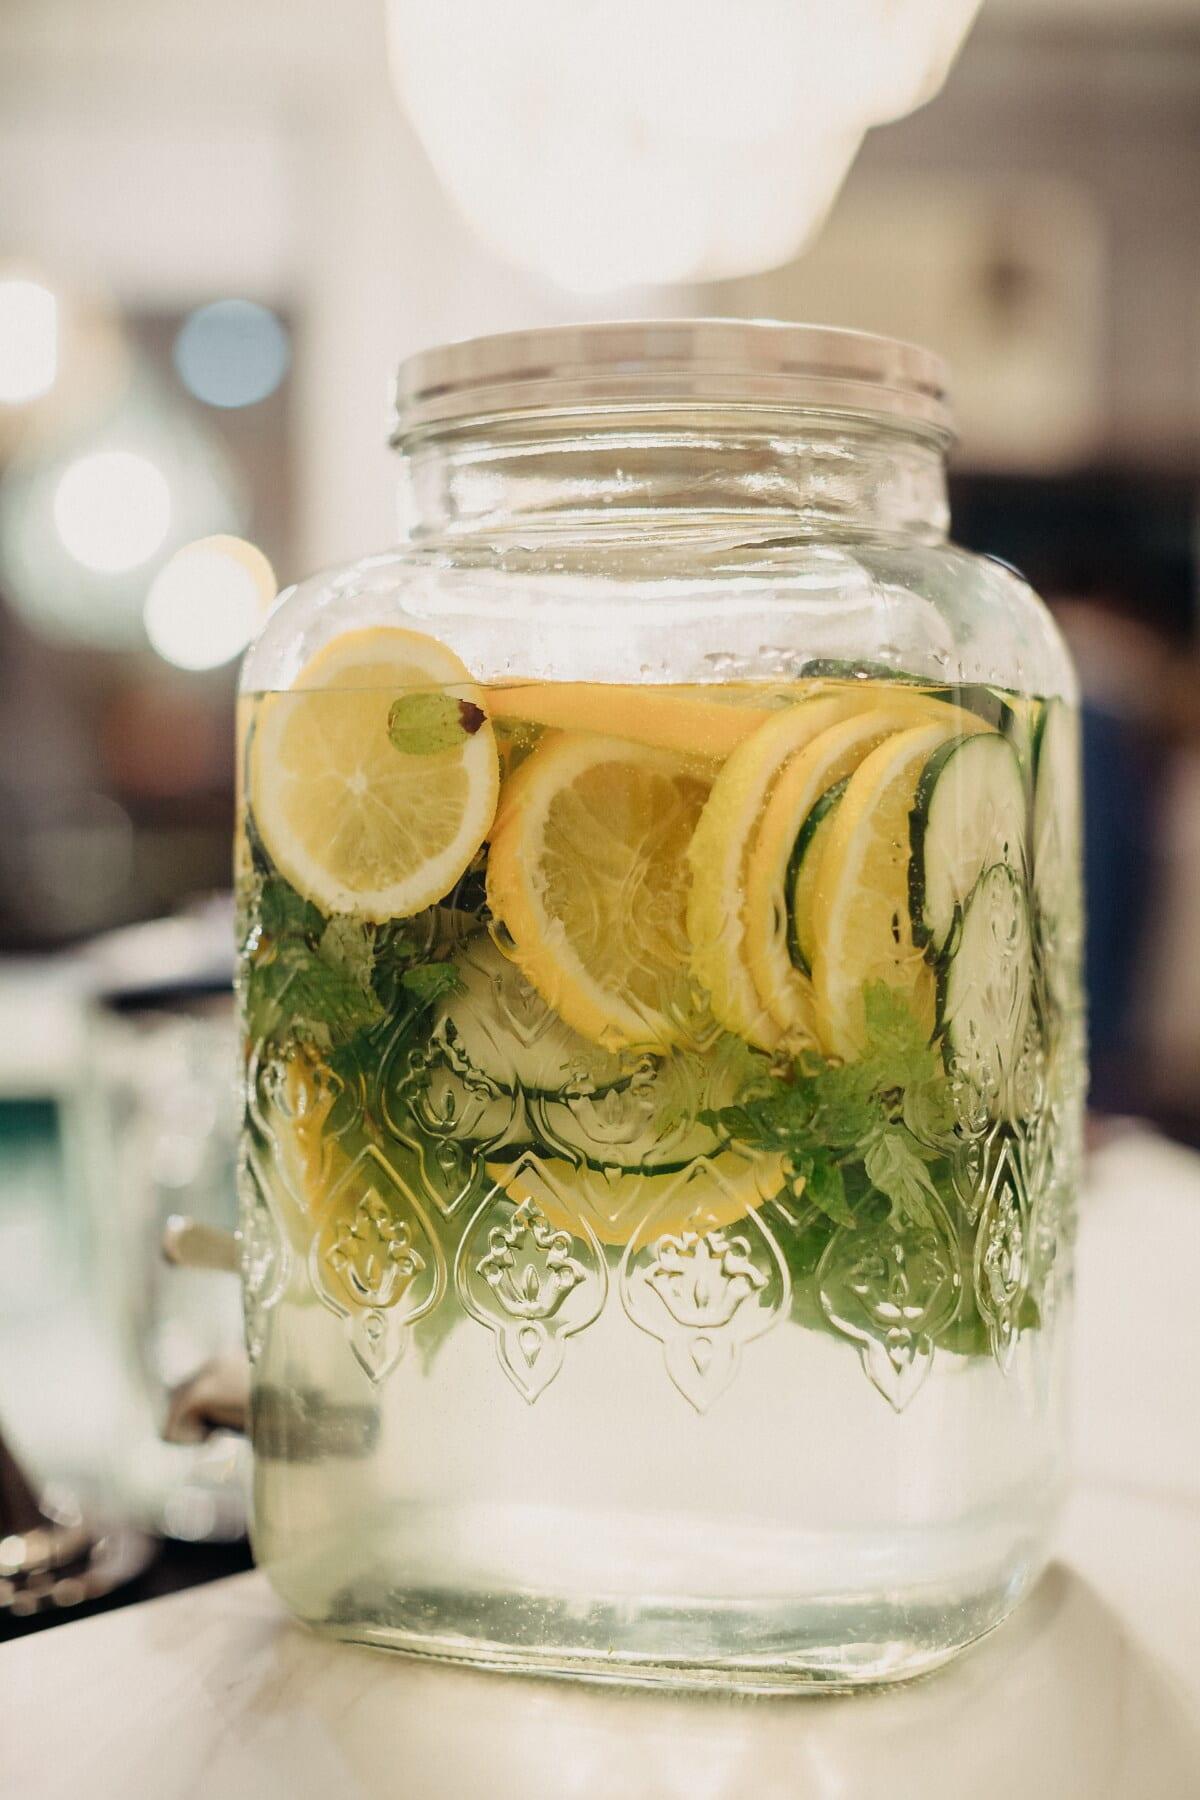 lemonade, lemon, mint, jar, fresh water, fresh, green leaves, fruit juice, juice, cold water